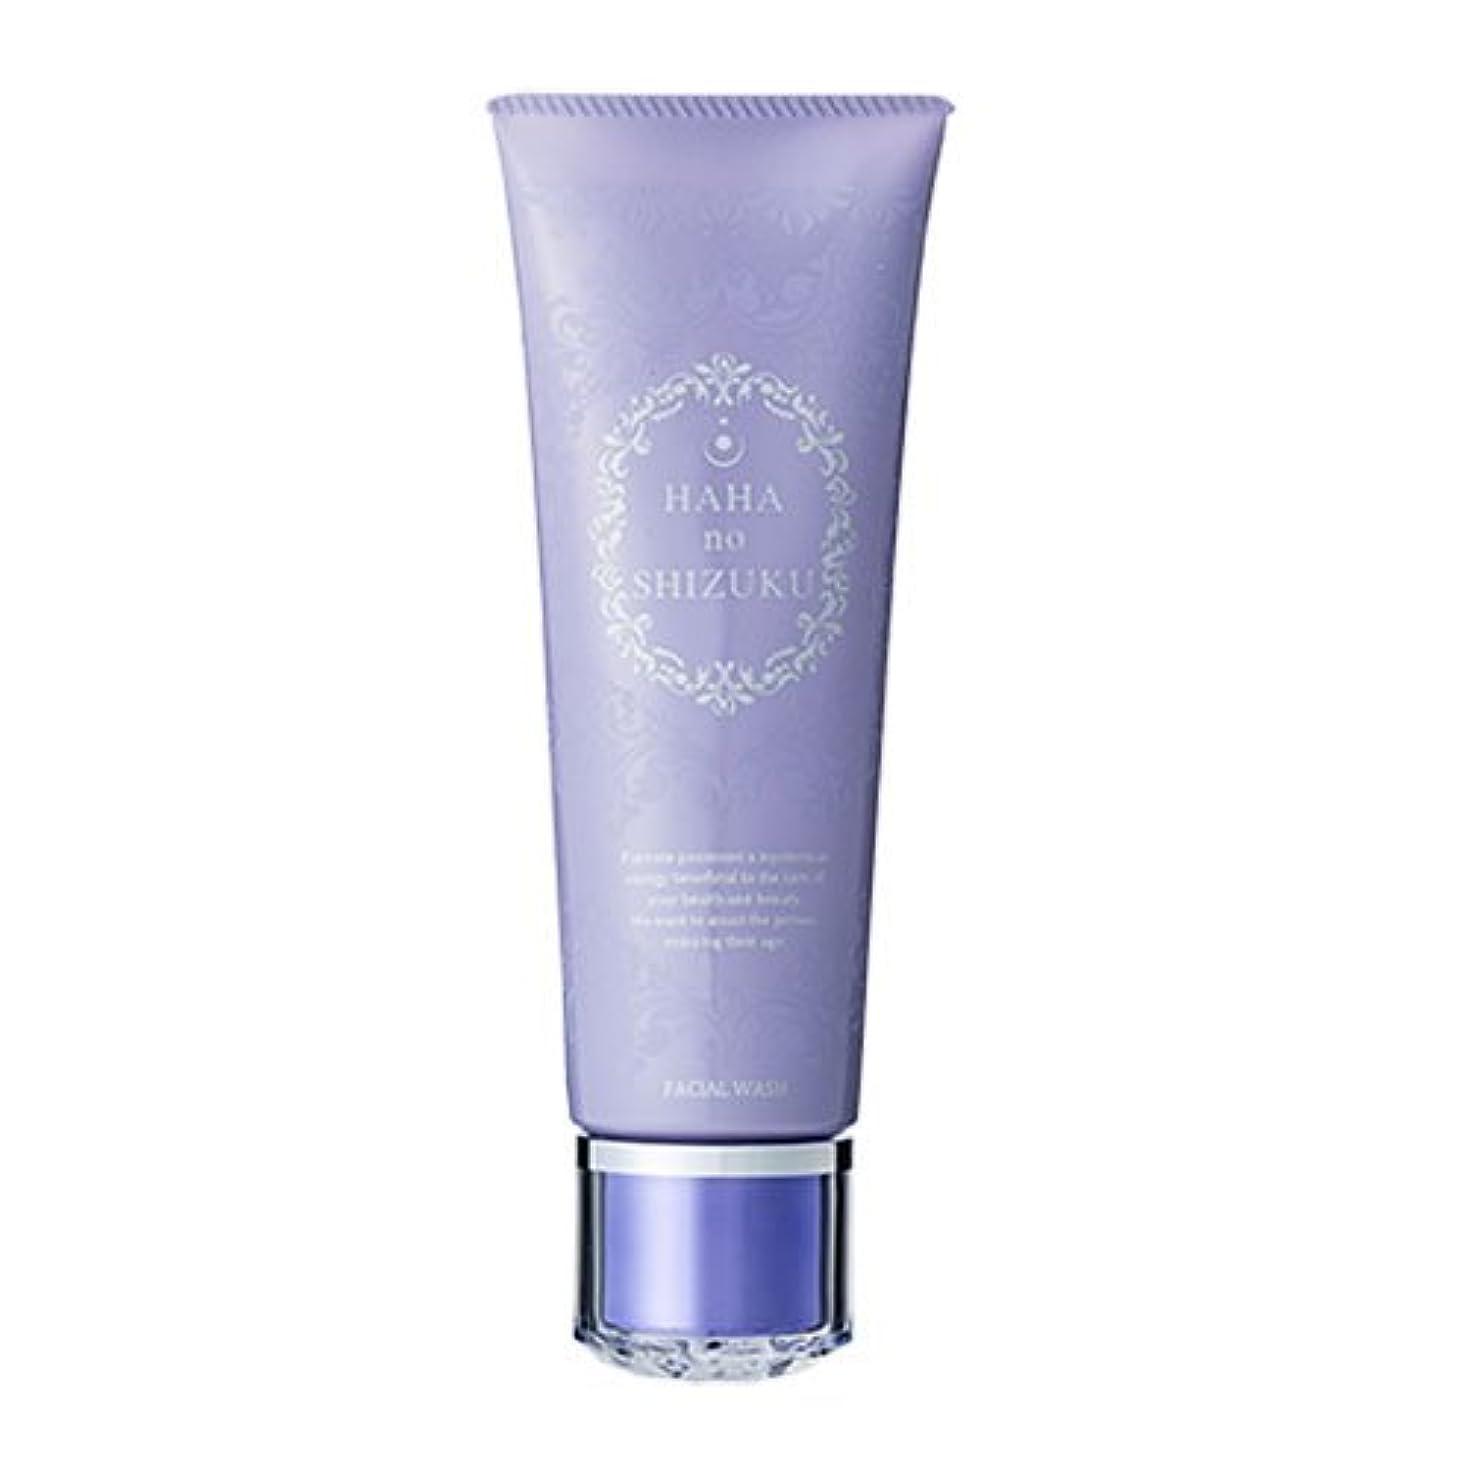 保険気を散らすまどろみのある母の滴 プラセンタ洗顔フォーム 敏感肌にも安心 アミノ酸系洗浄剤 (122g) プラセンタエキス サイタイエキス ヒアルロン酸